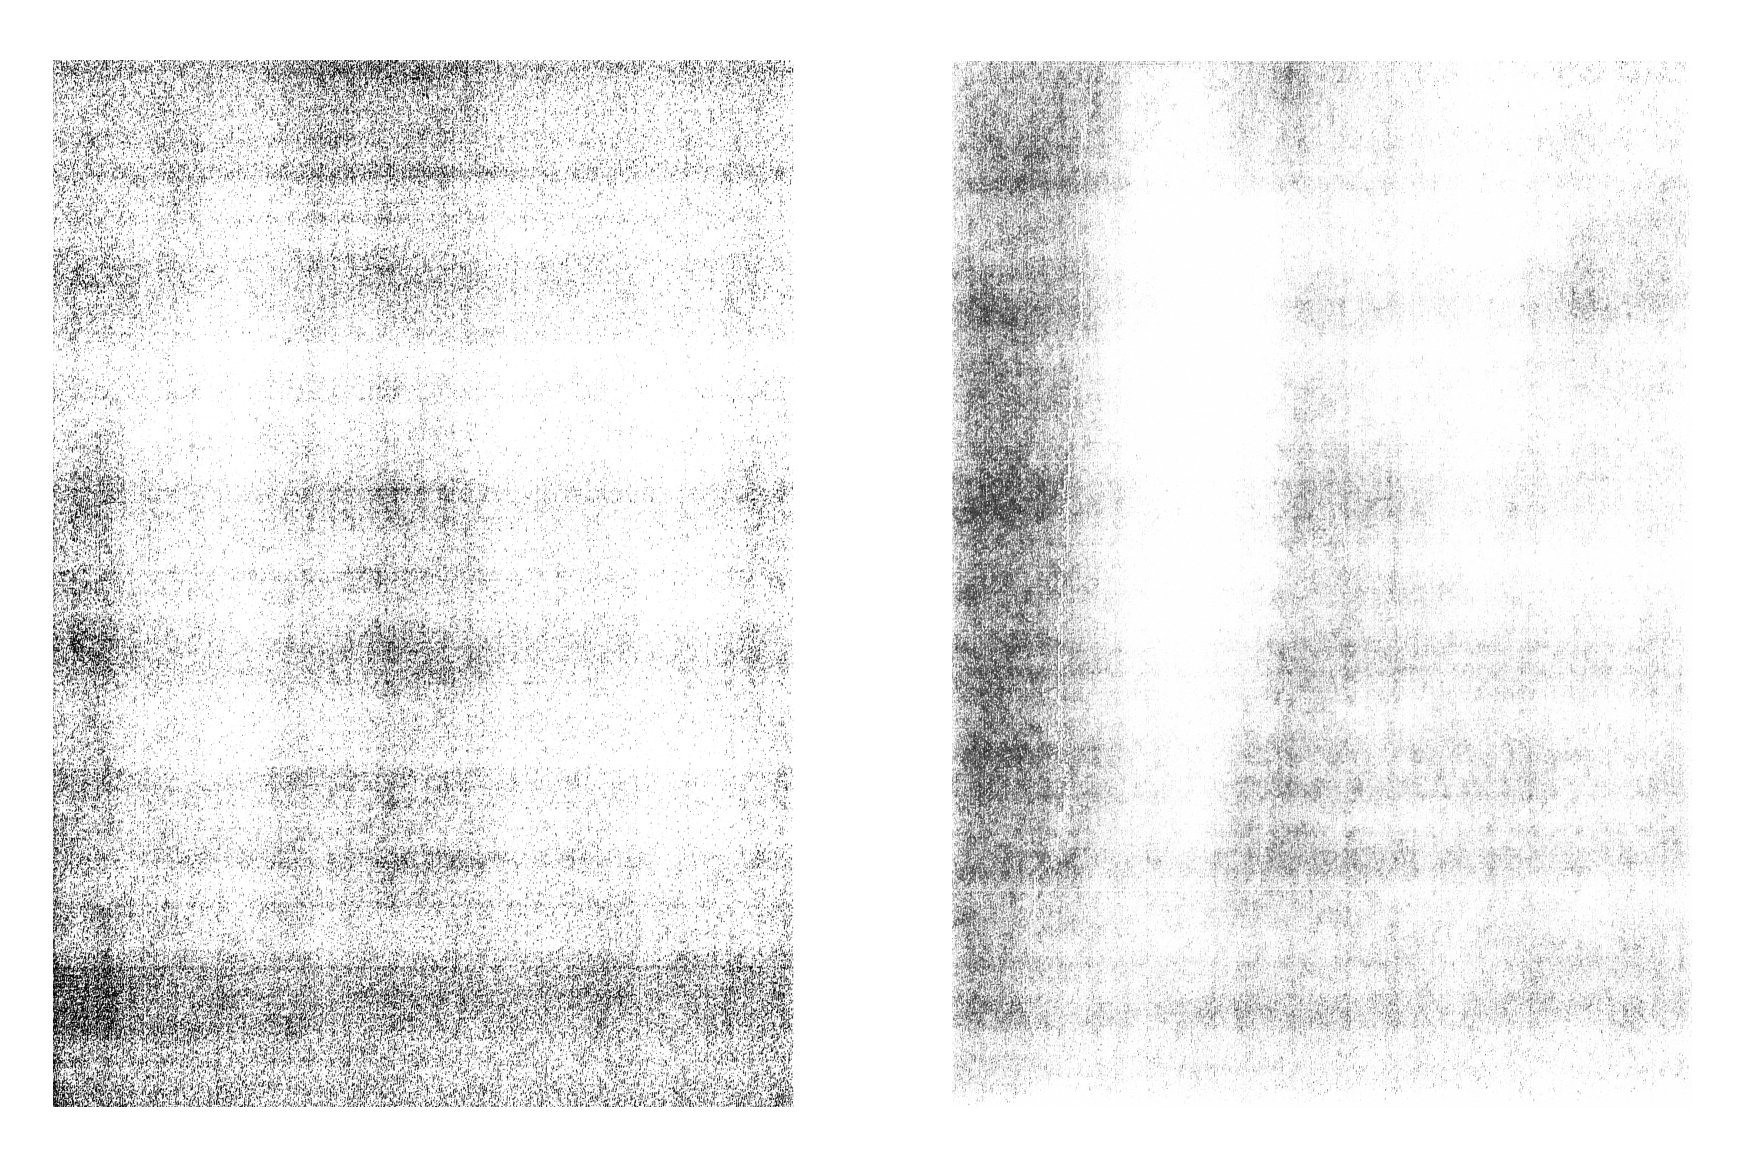 156款复古做旧折痕磨损褶皱纸张背景纹理素材合集 The Grunge Texture Bundle Vol. 1插图(76)